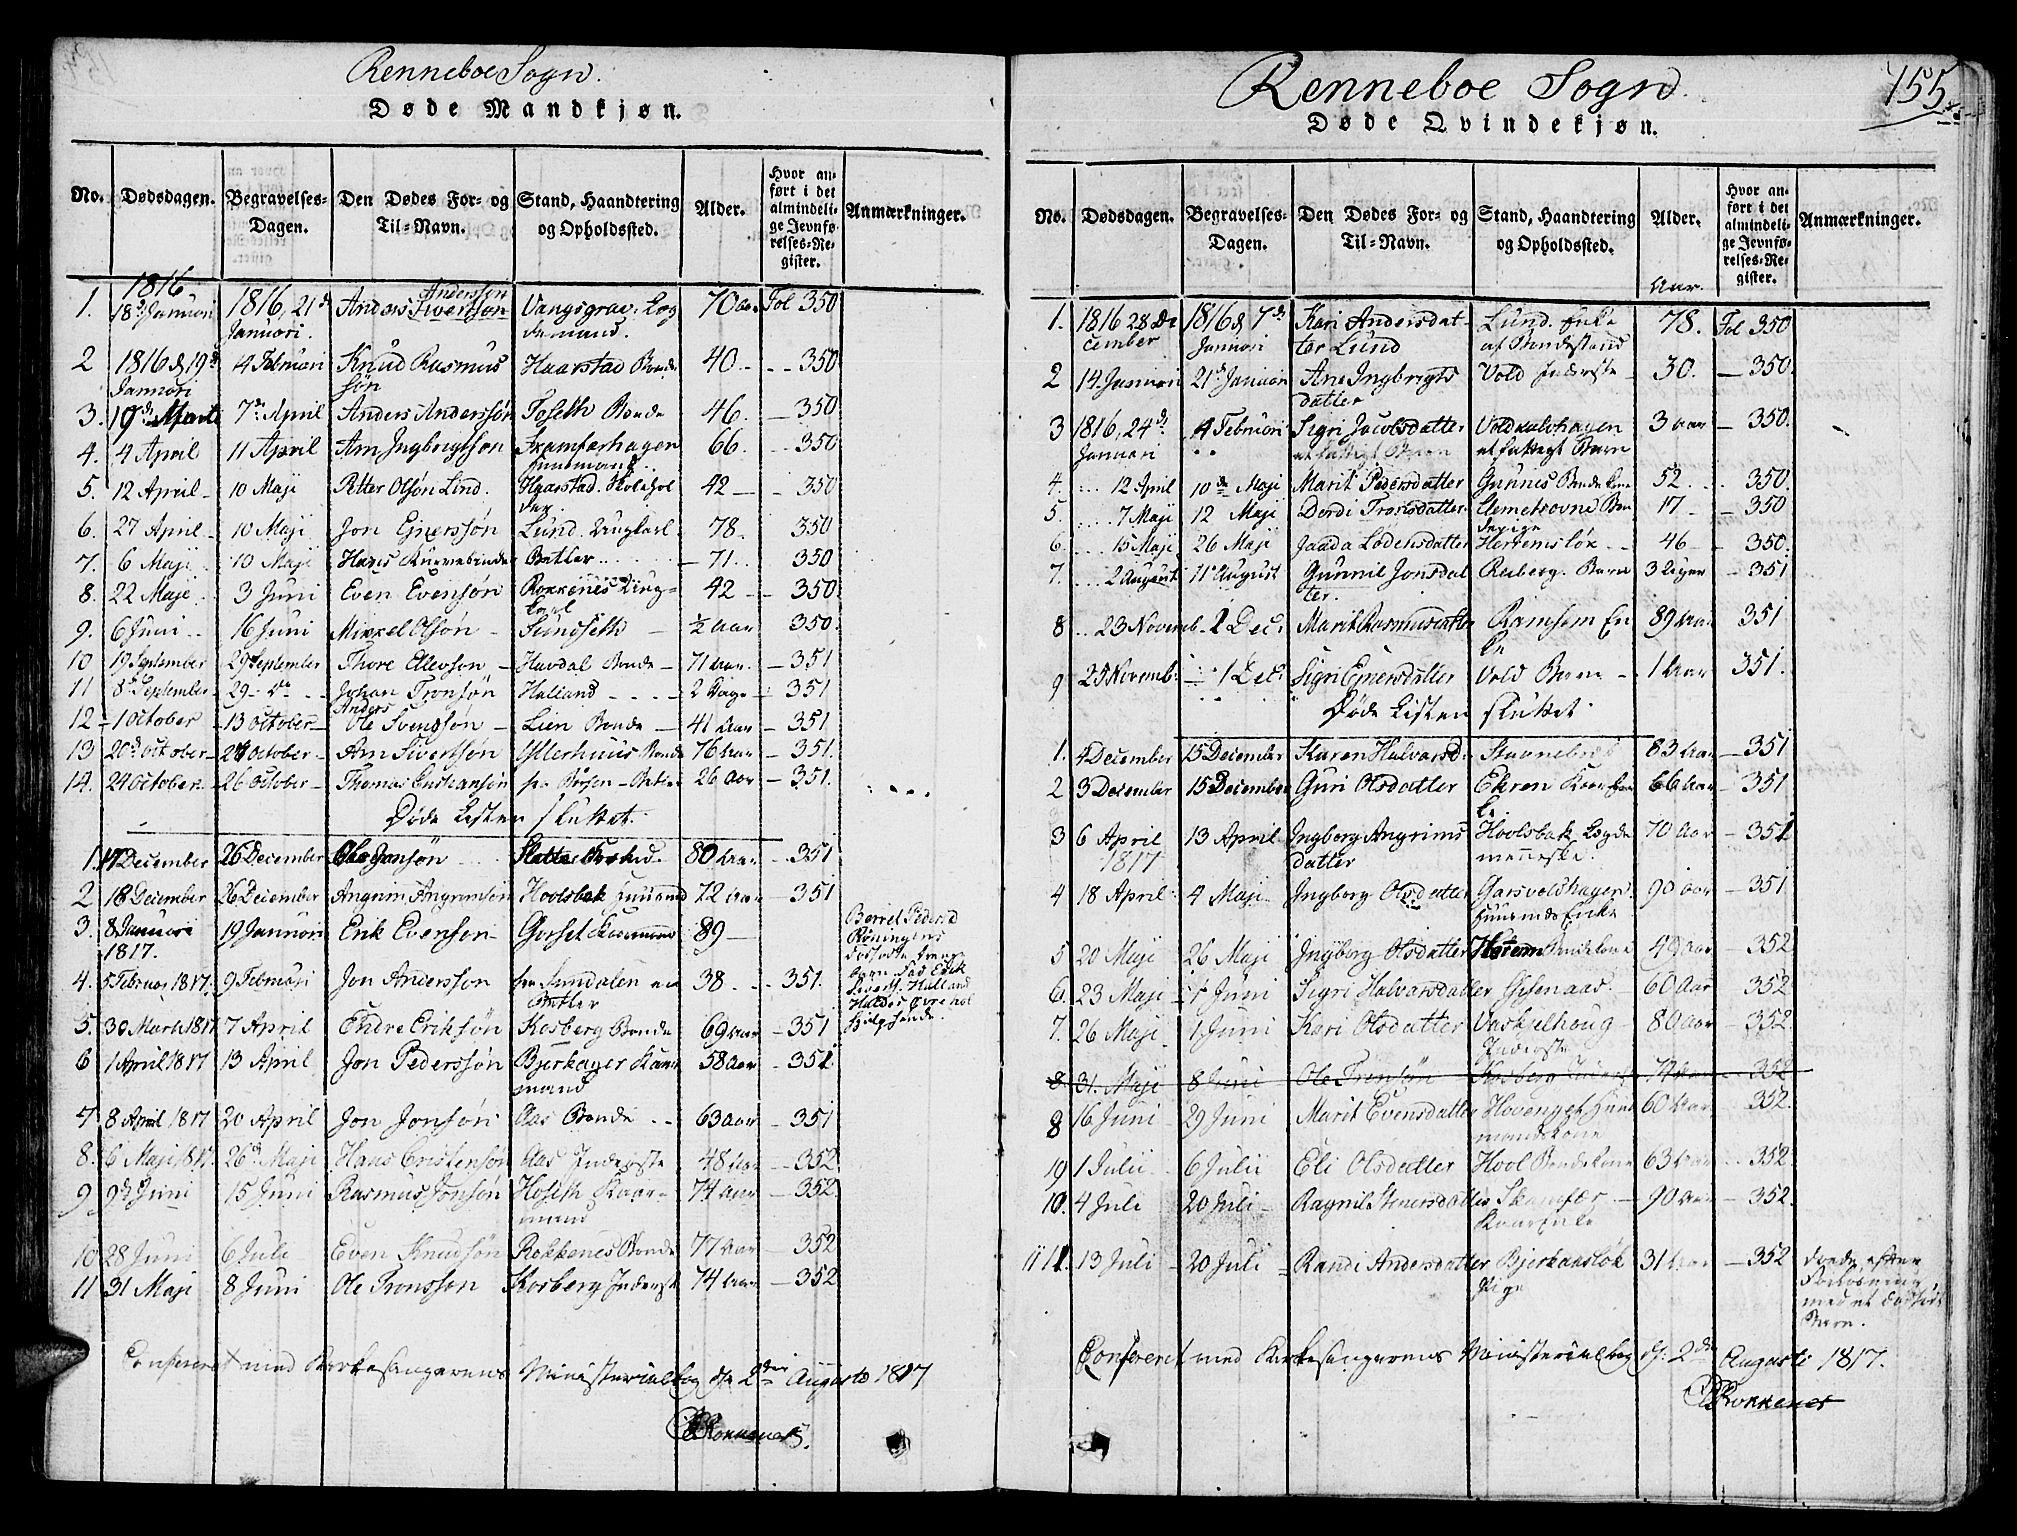 SAT, Ministerialprotokoller, klokkerbøker og fødselsregistre - Sør-Trøndelag, 672/L0854: Ministerialbok nr. 672A06 /2, 1816-1829, s. 155